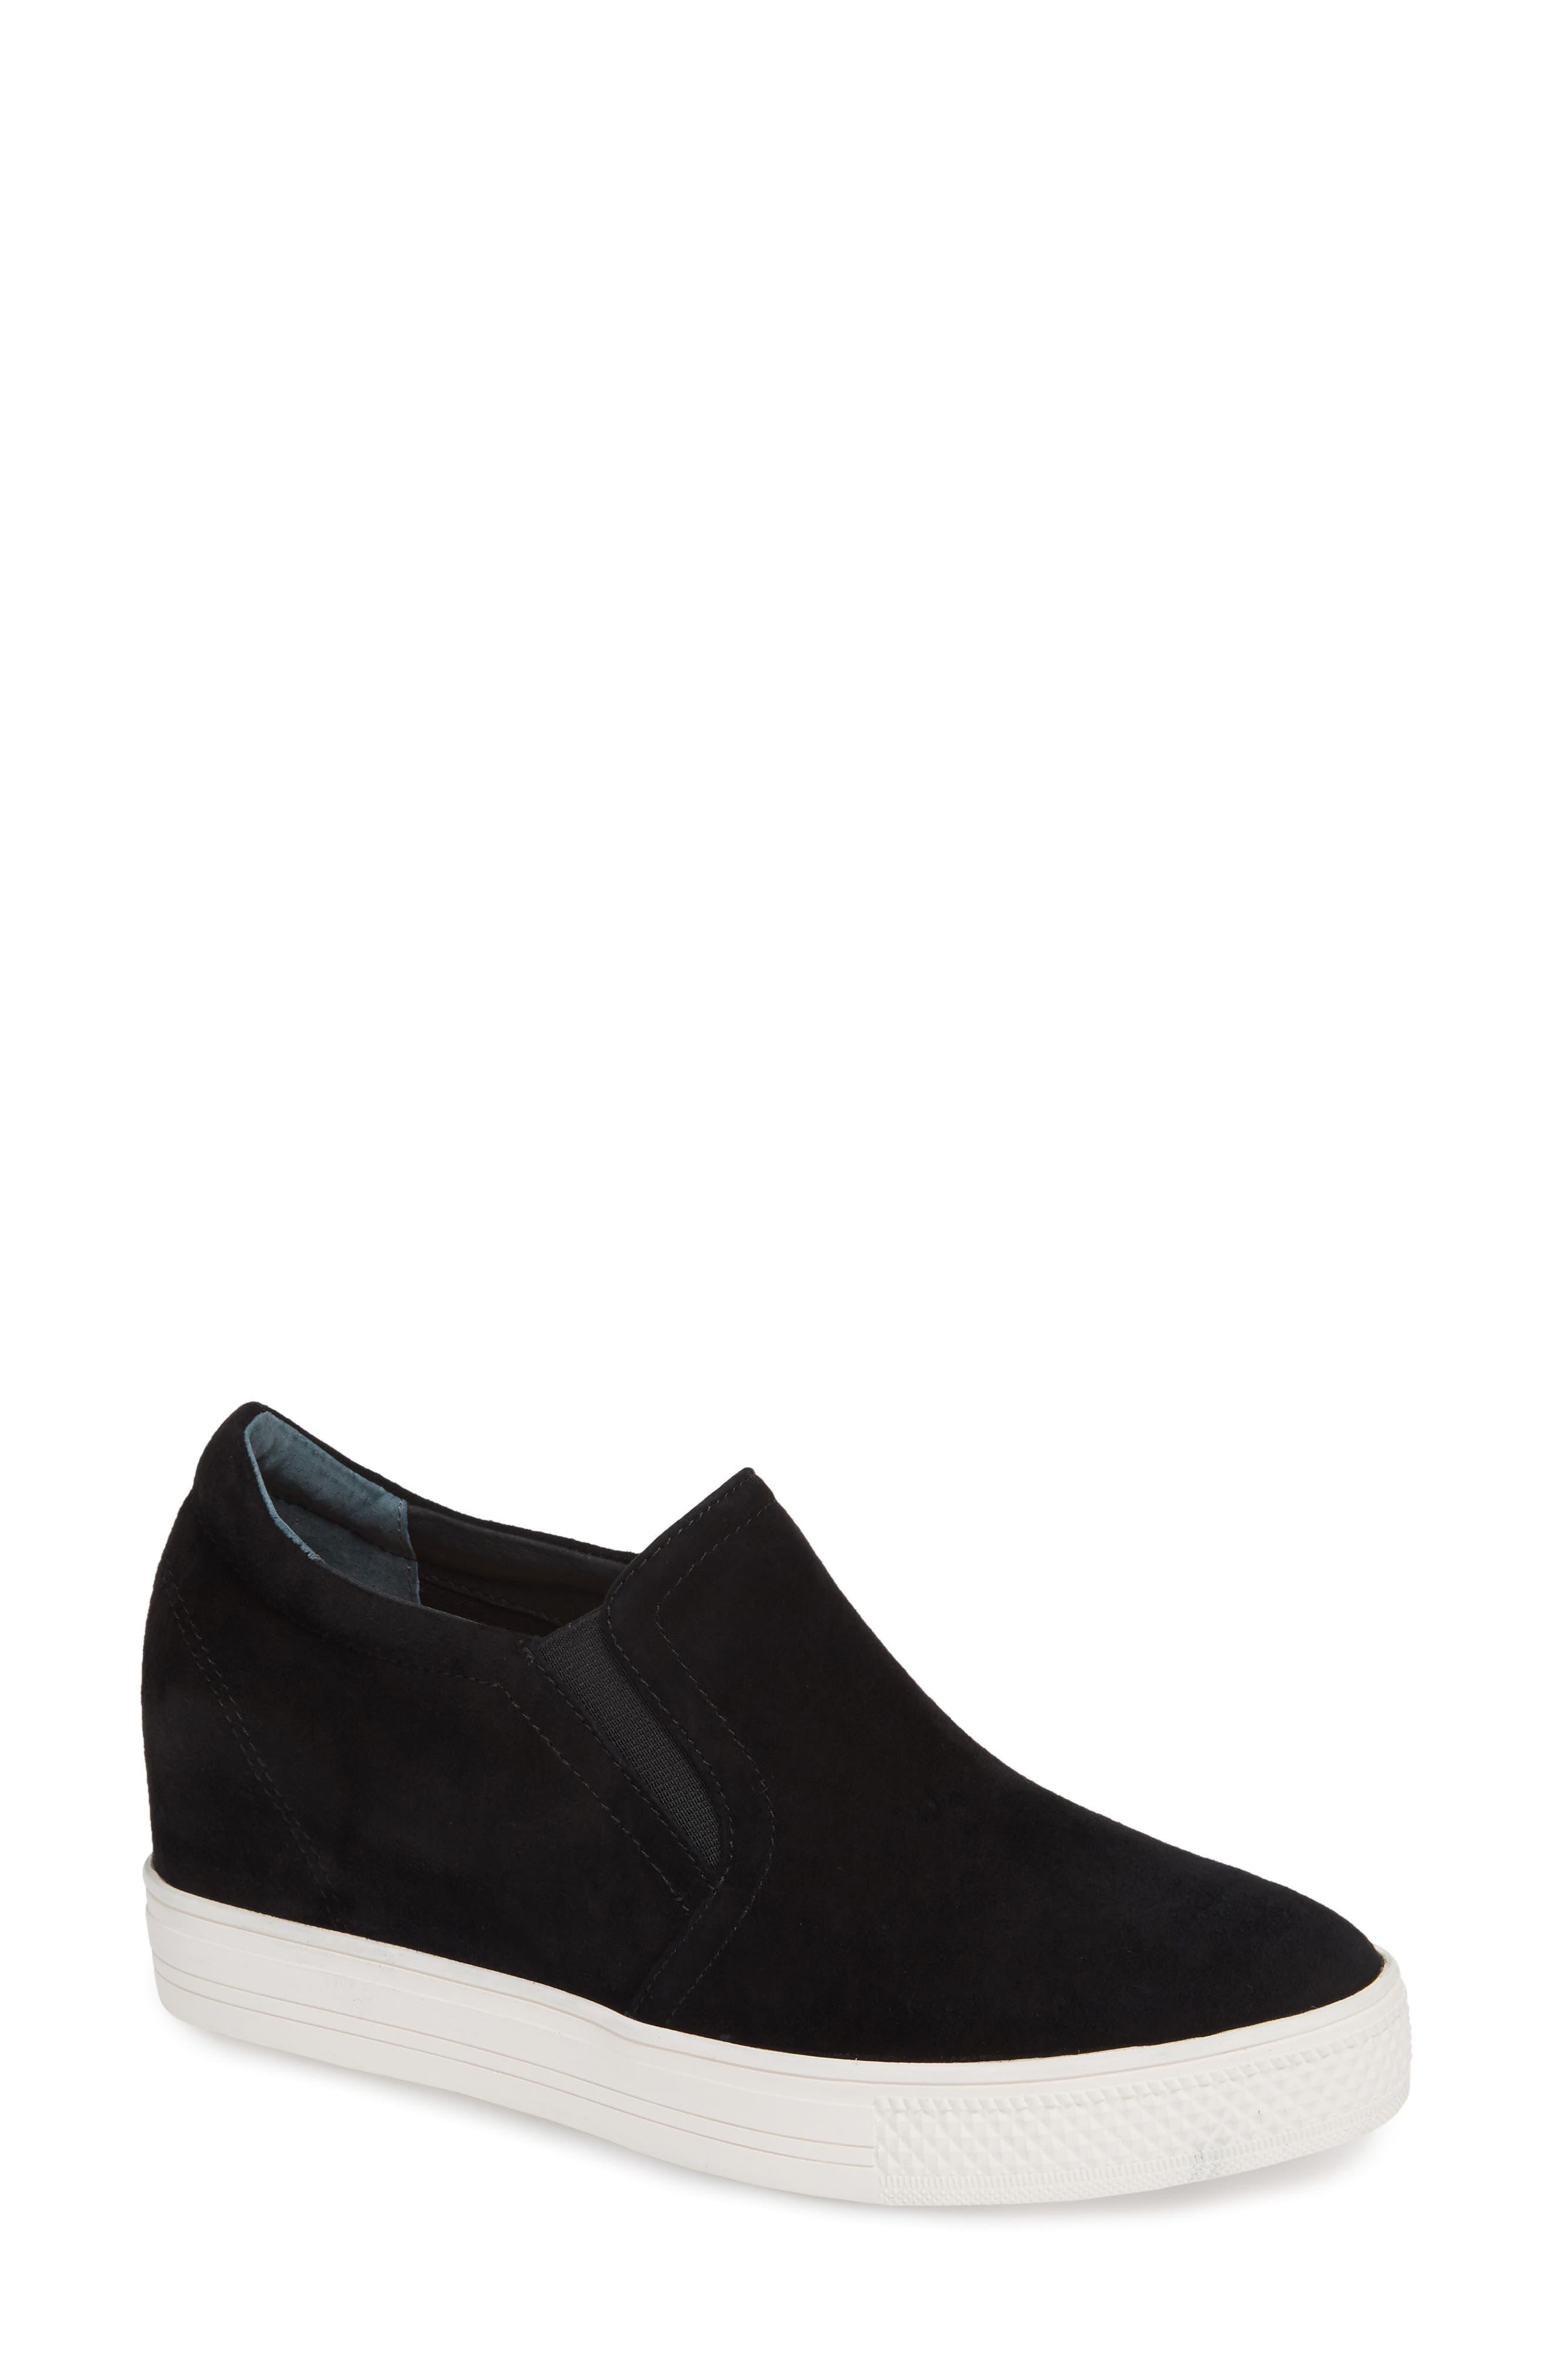 CASLON<SUP>®</SUP>, Austin Slip-On Sneaker, Main thumbnail 1, color, BLACK SUEDE